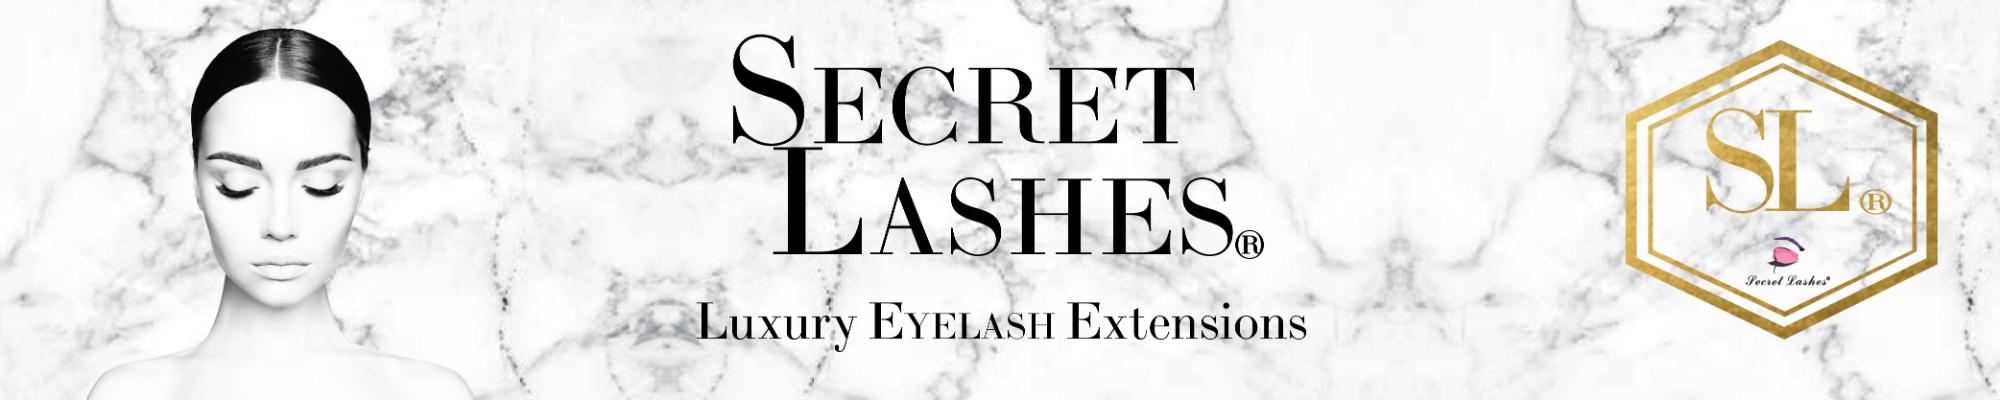 Secret extensions kaufen